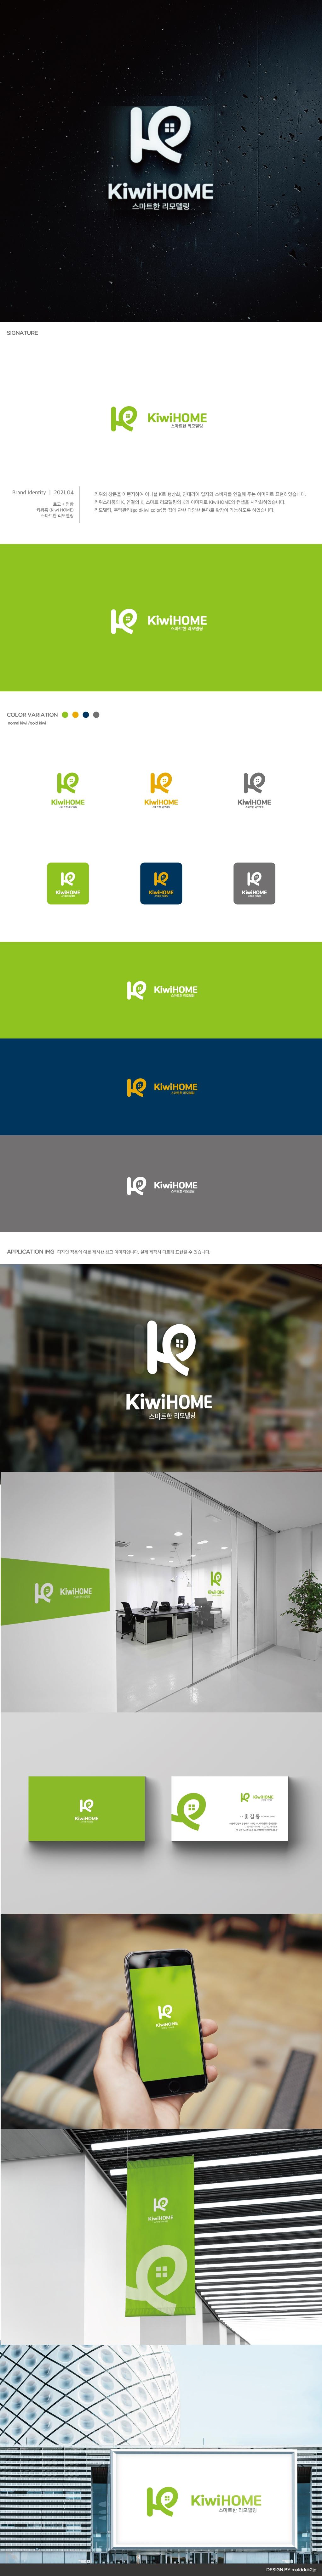 로고+명함 디자인 | 키위홈 로고 디자인 의뢰 | 라우드소싱 포트폴리오